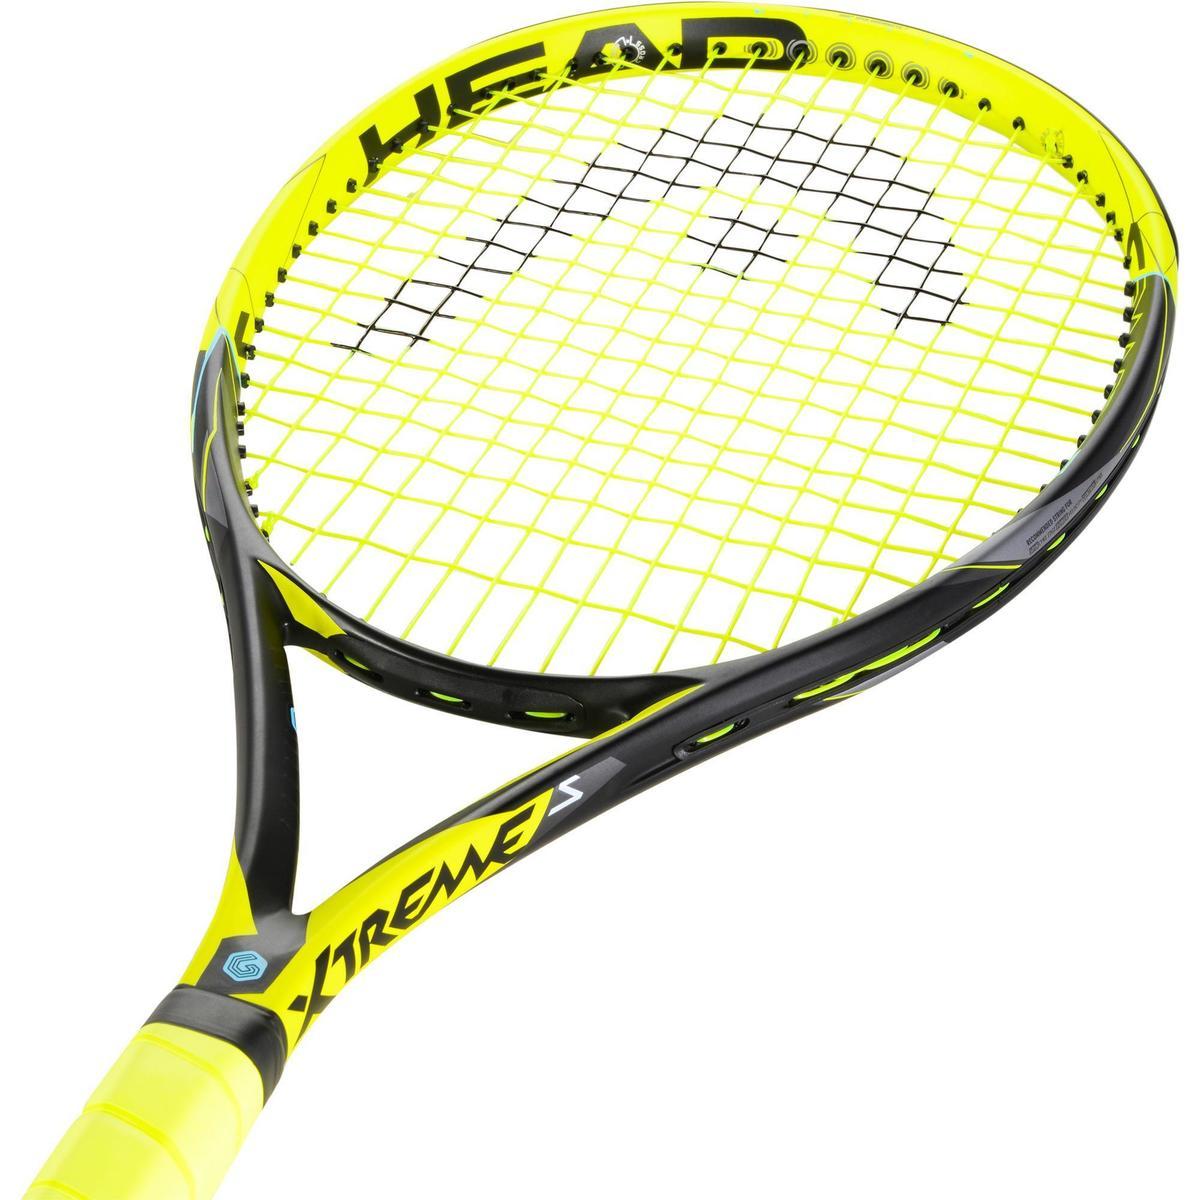 Bild 2 von Tennisschläger Extrem S besaitet schwarz/gelb